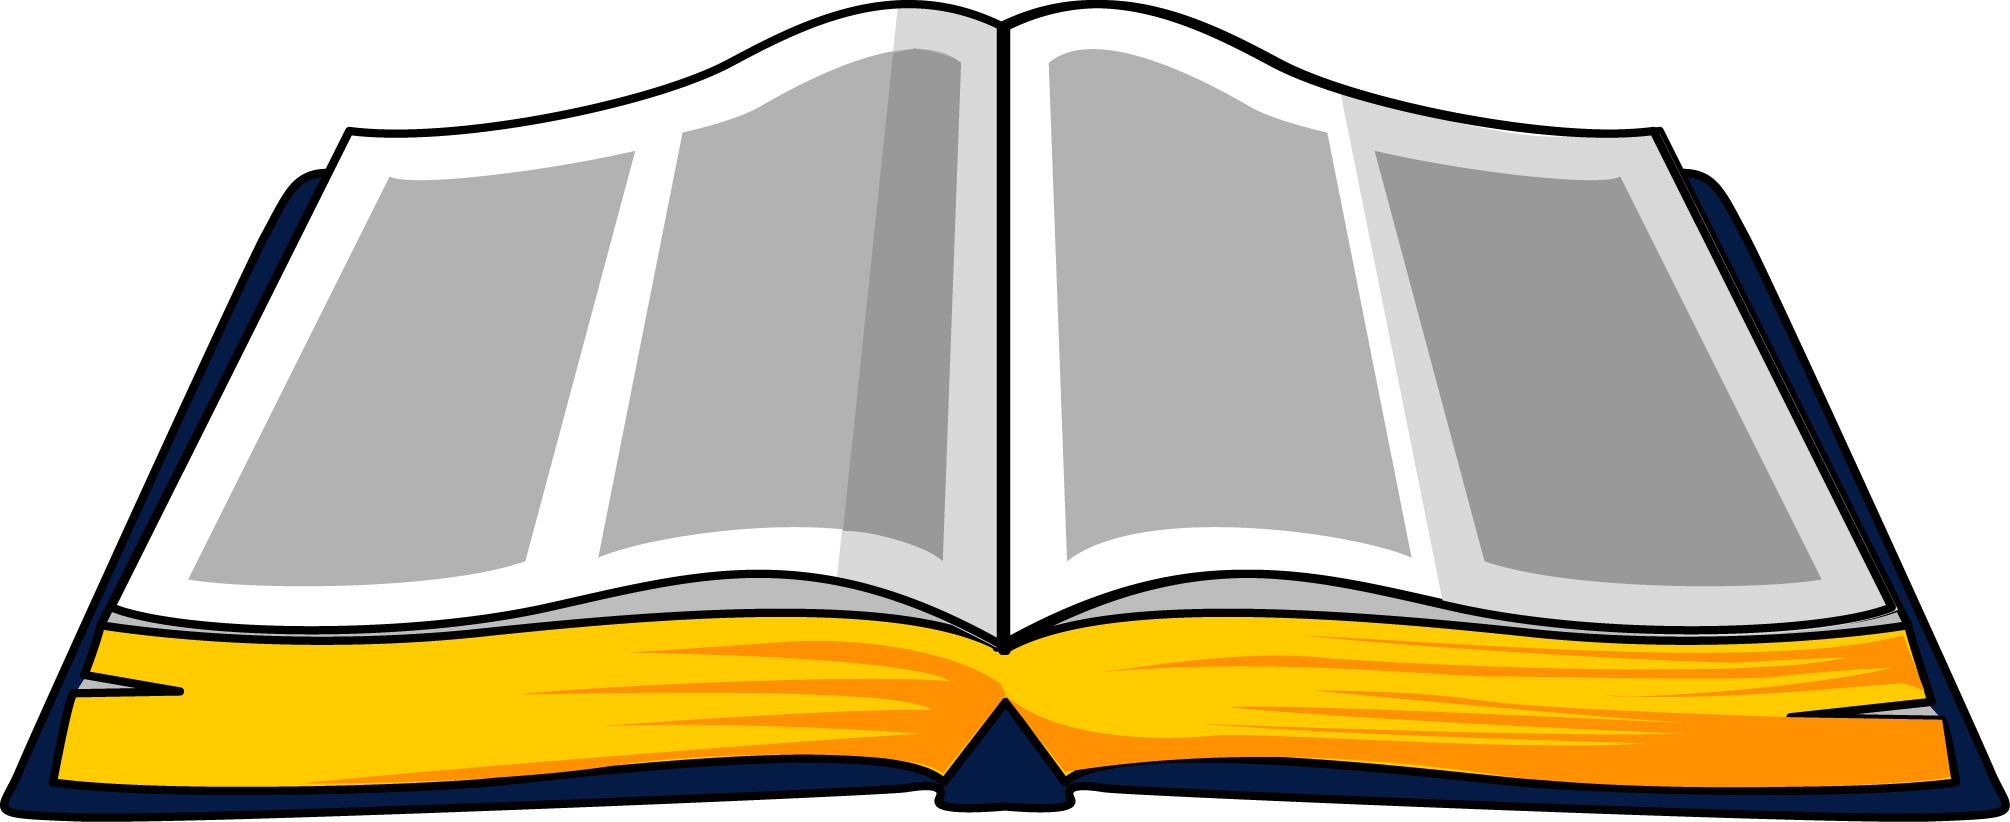 2010x822 Book Clipart Open Bible